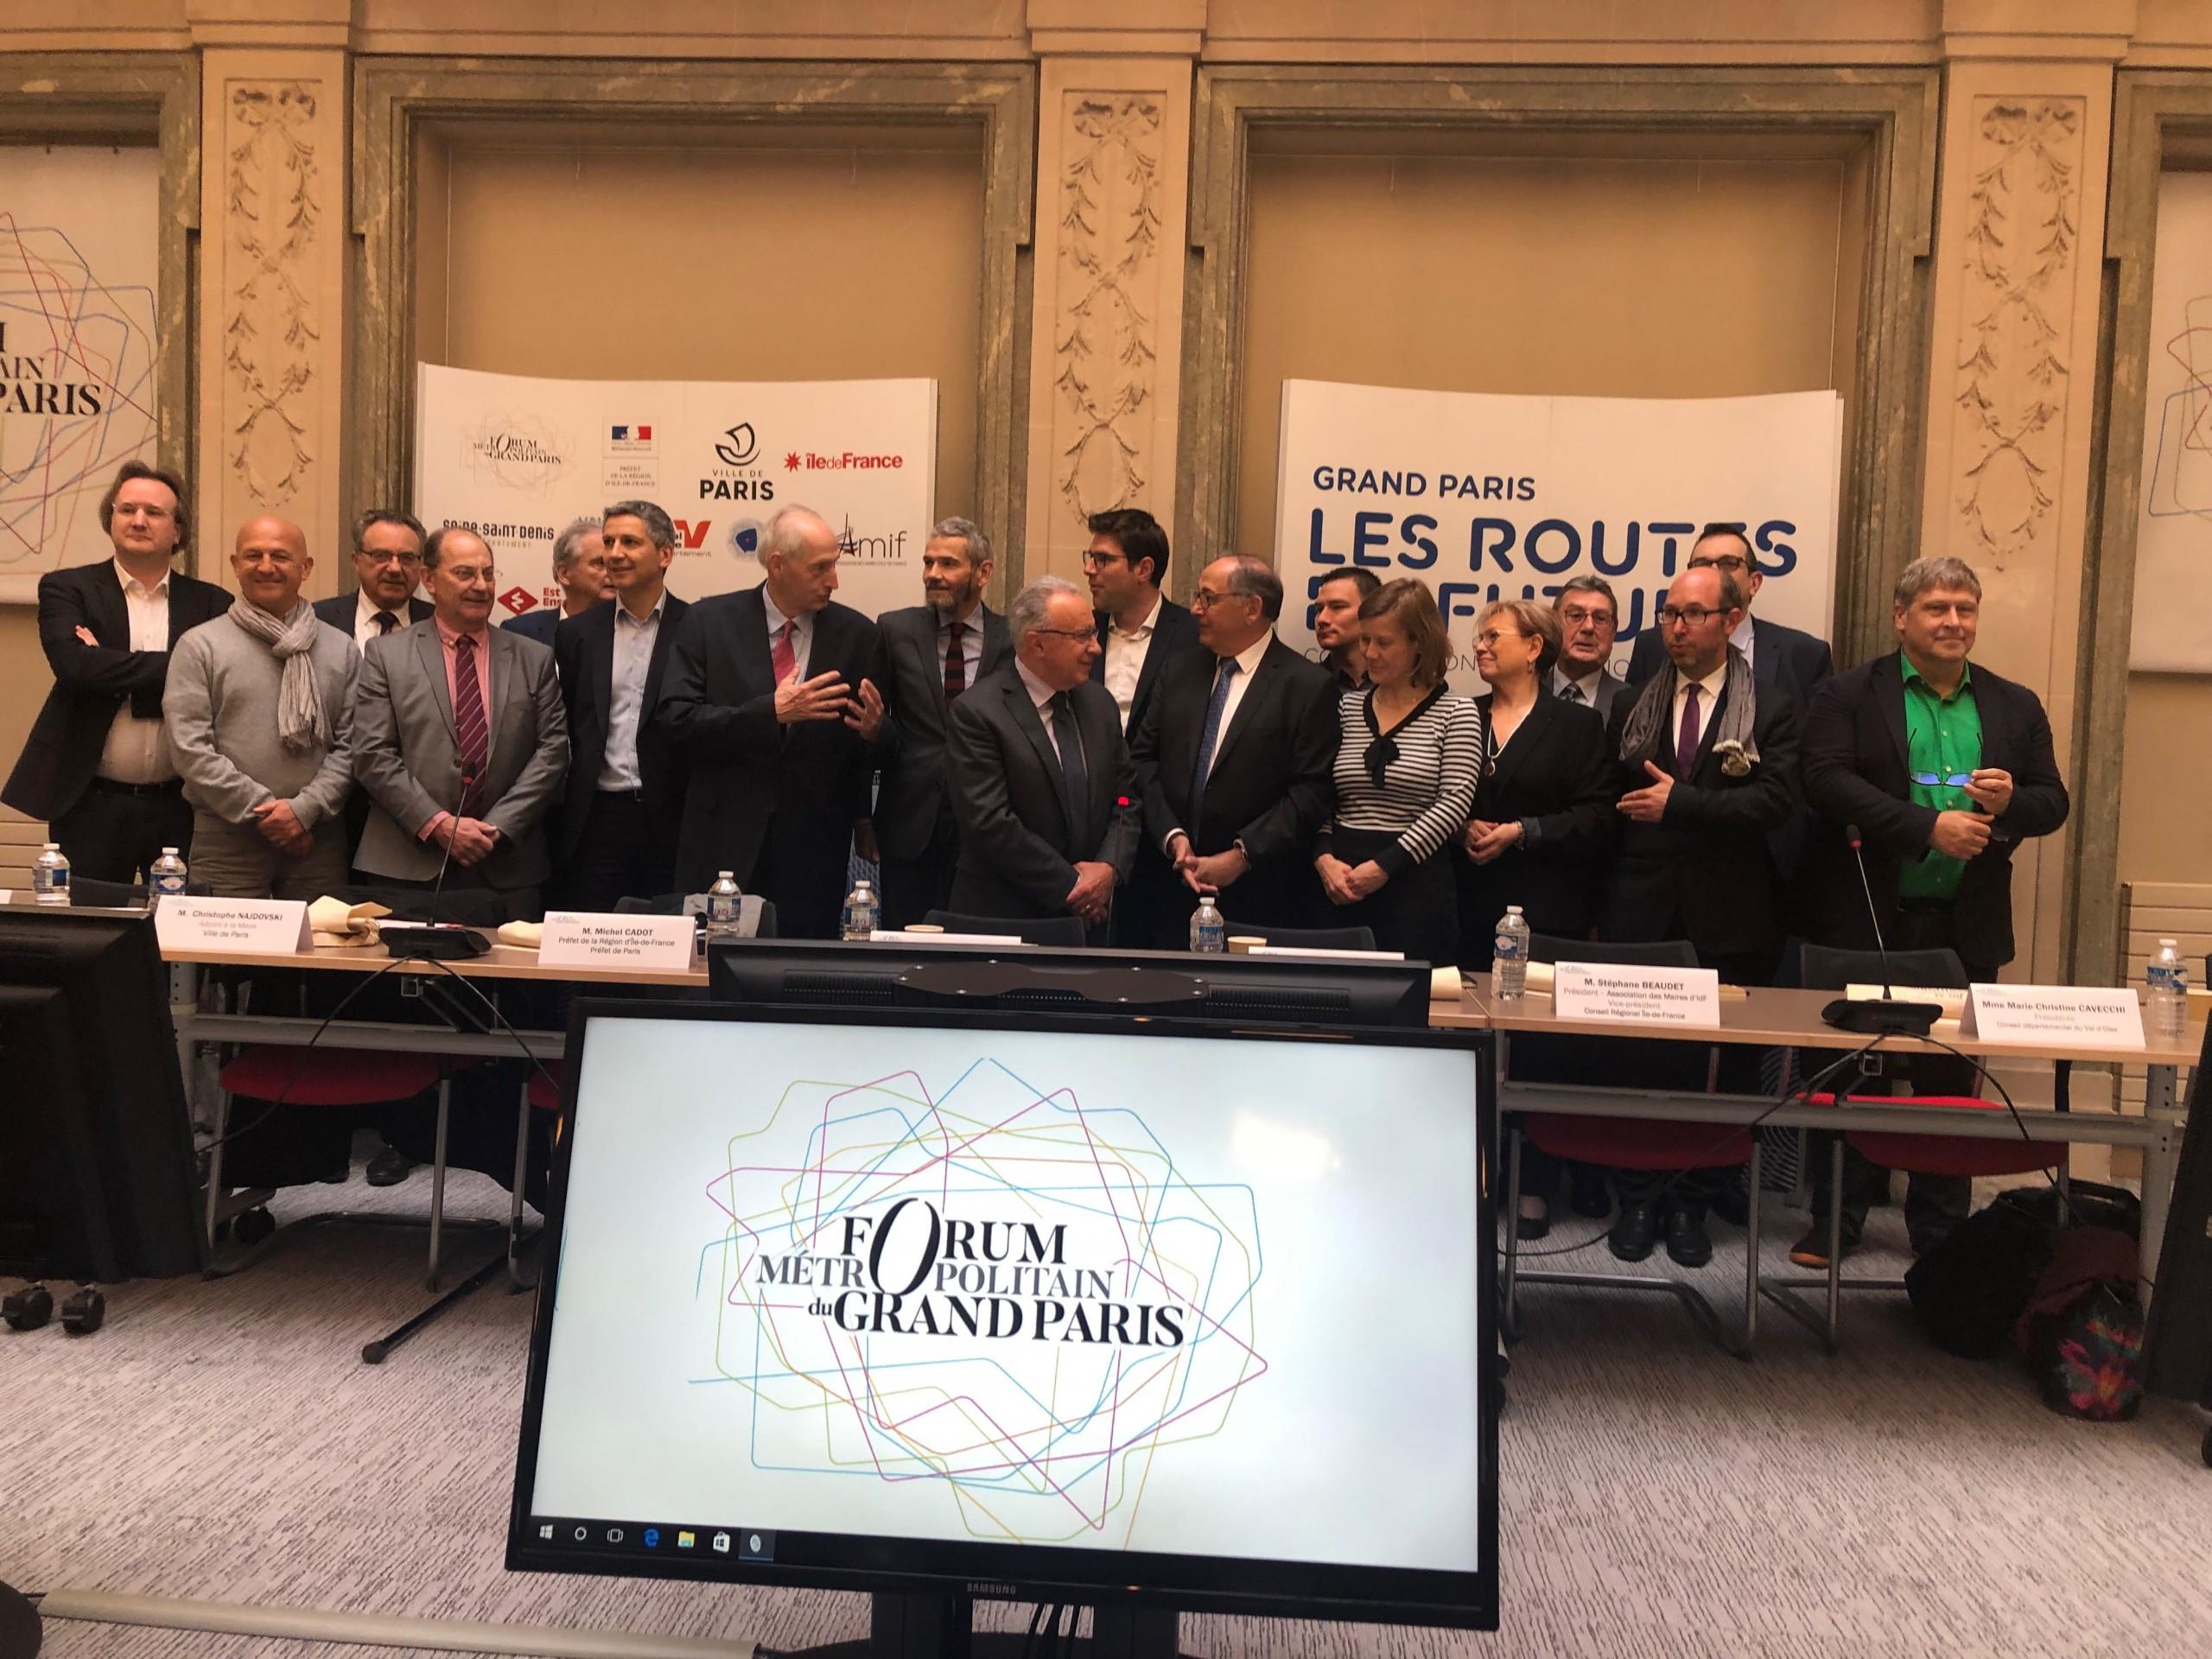 forum métropolitain du Grand Paris